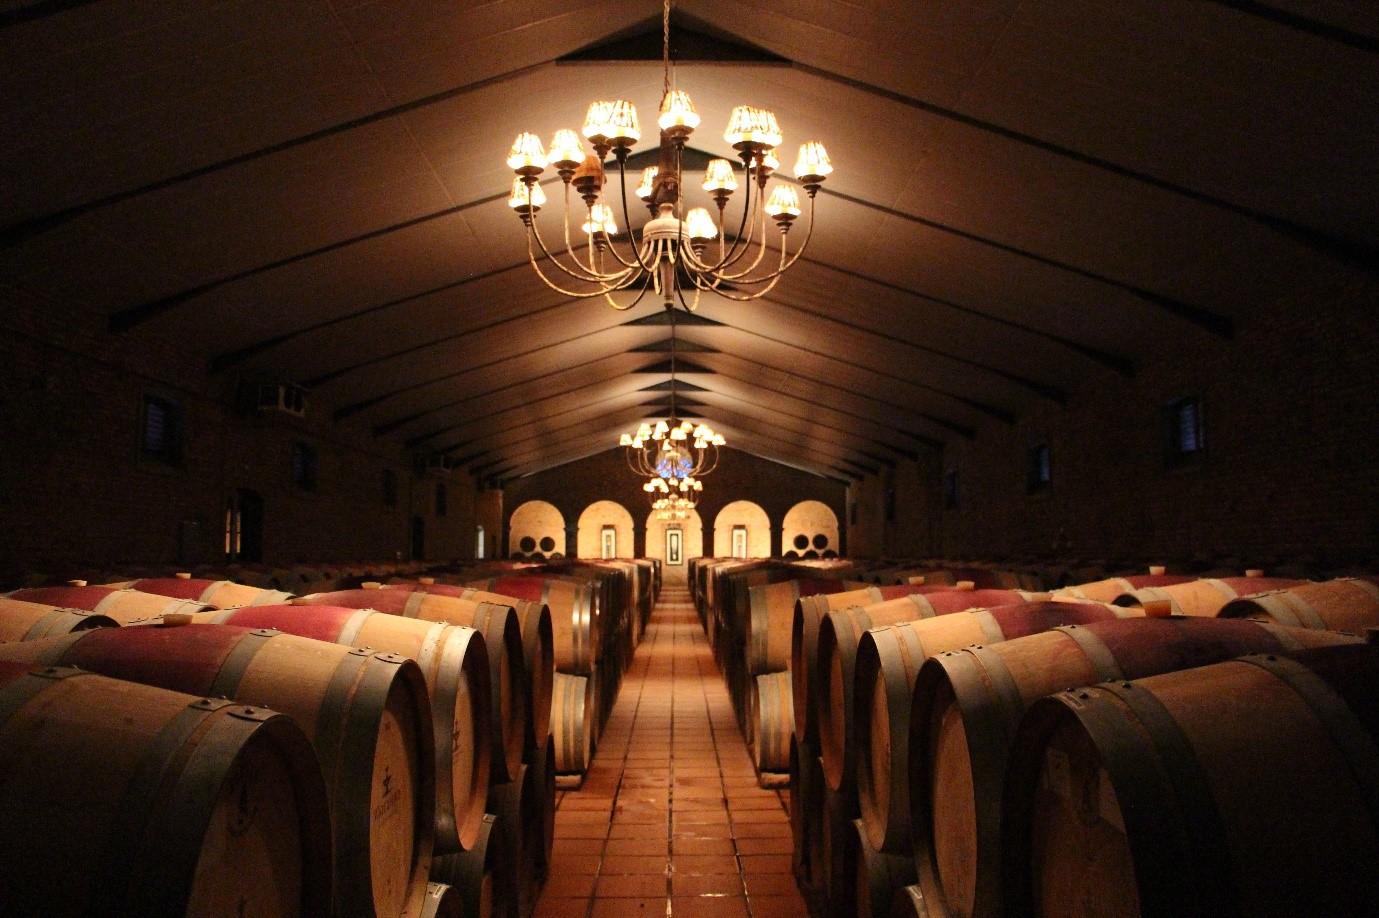 waterford estate cellar